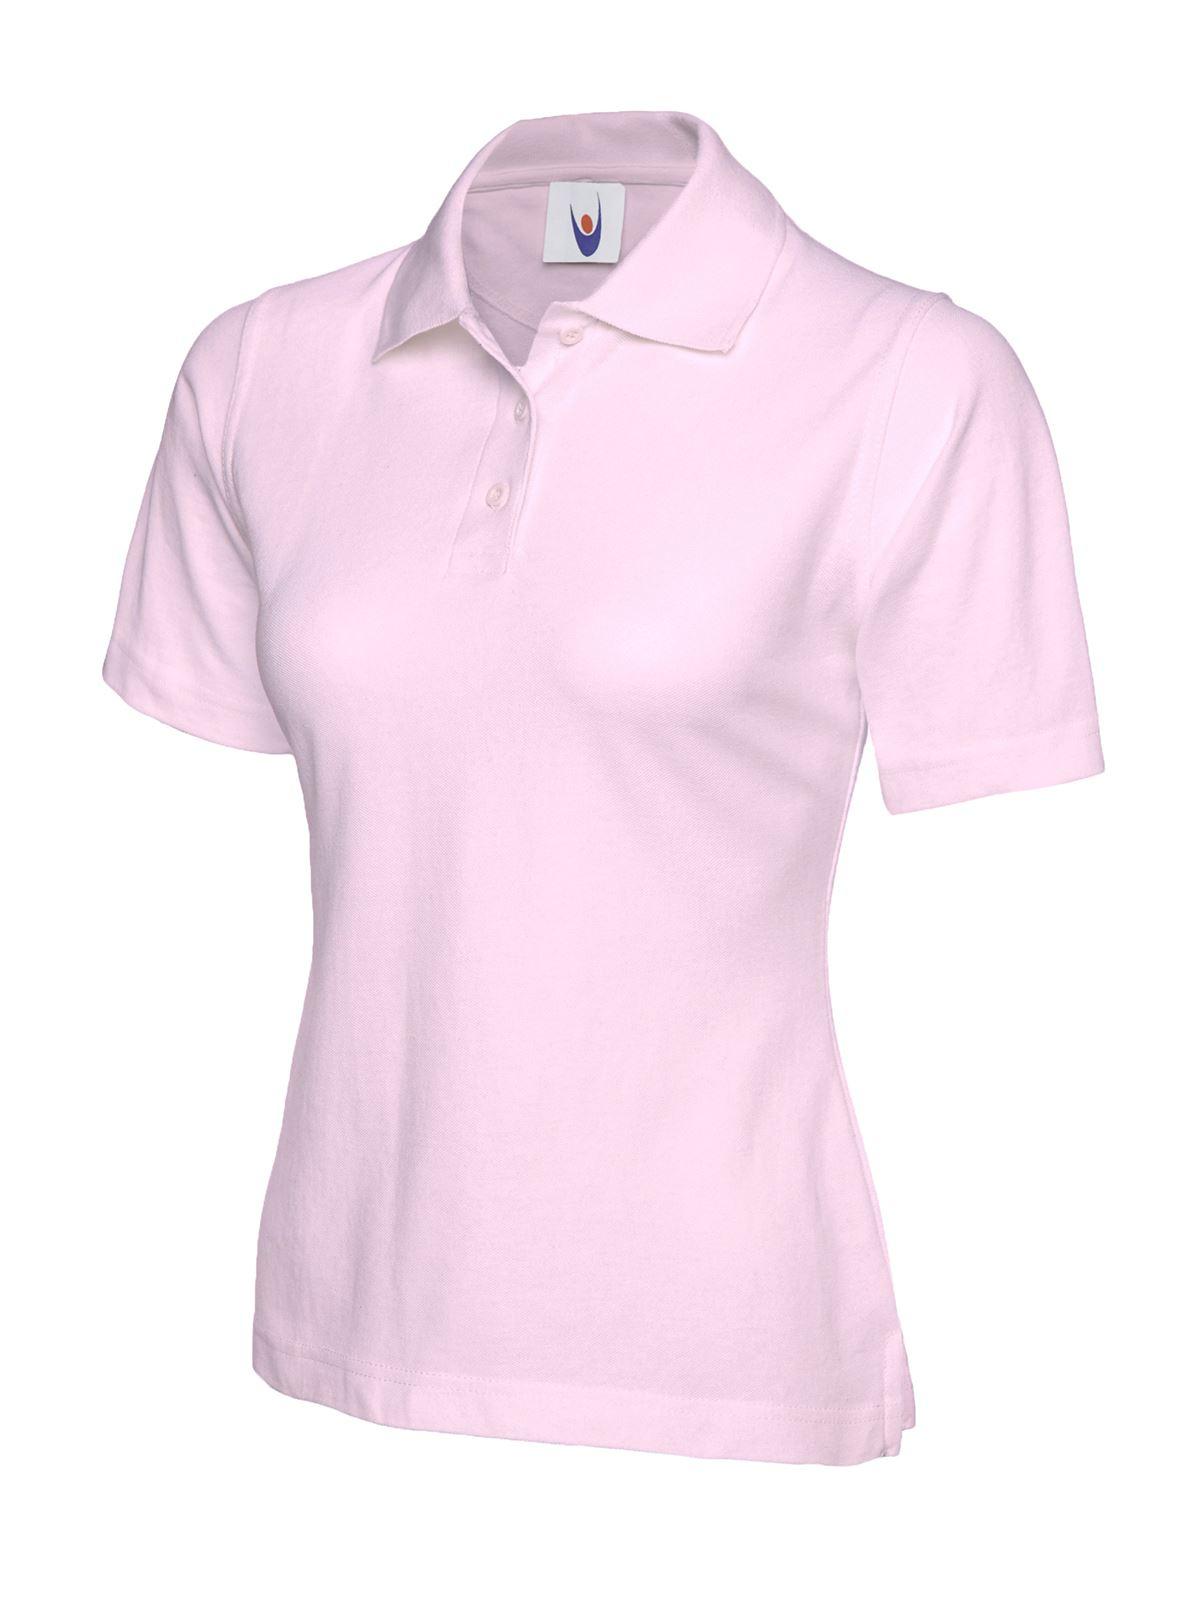 Uneek Clothing Womens Ladies Poloshirt 220 Gsm Polo Shirt